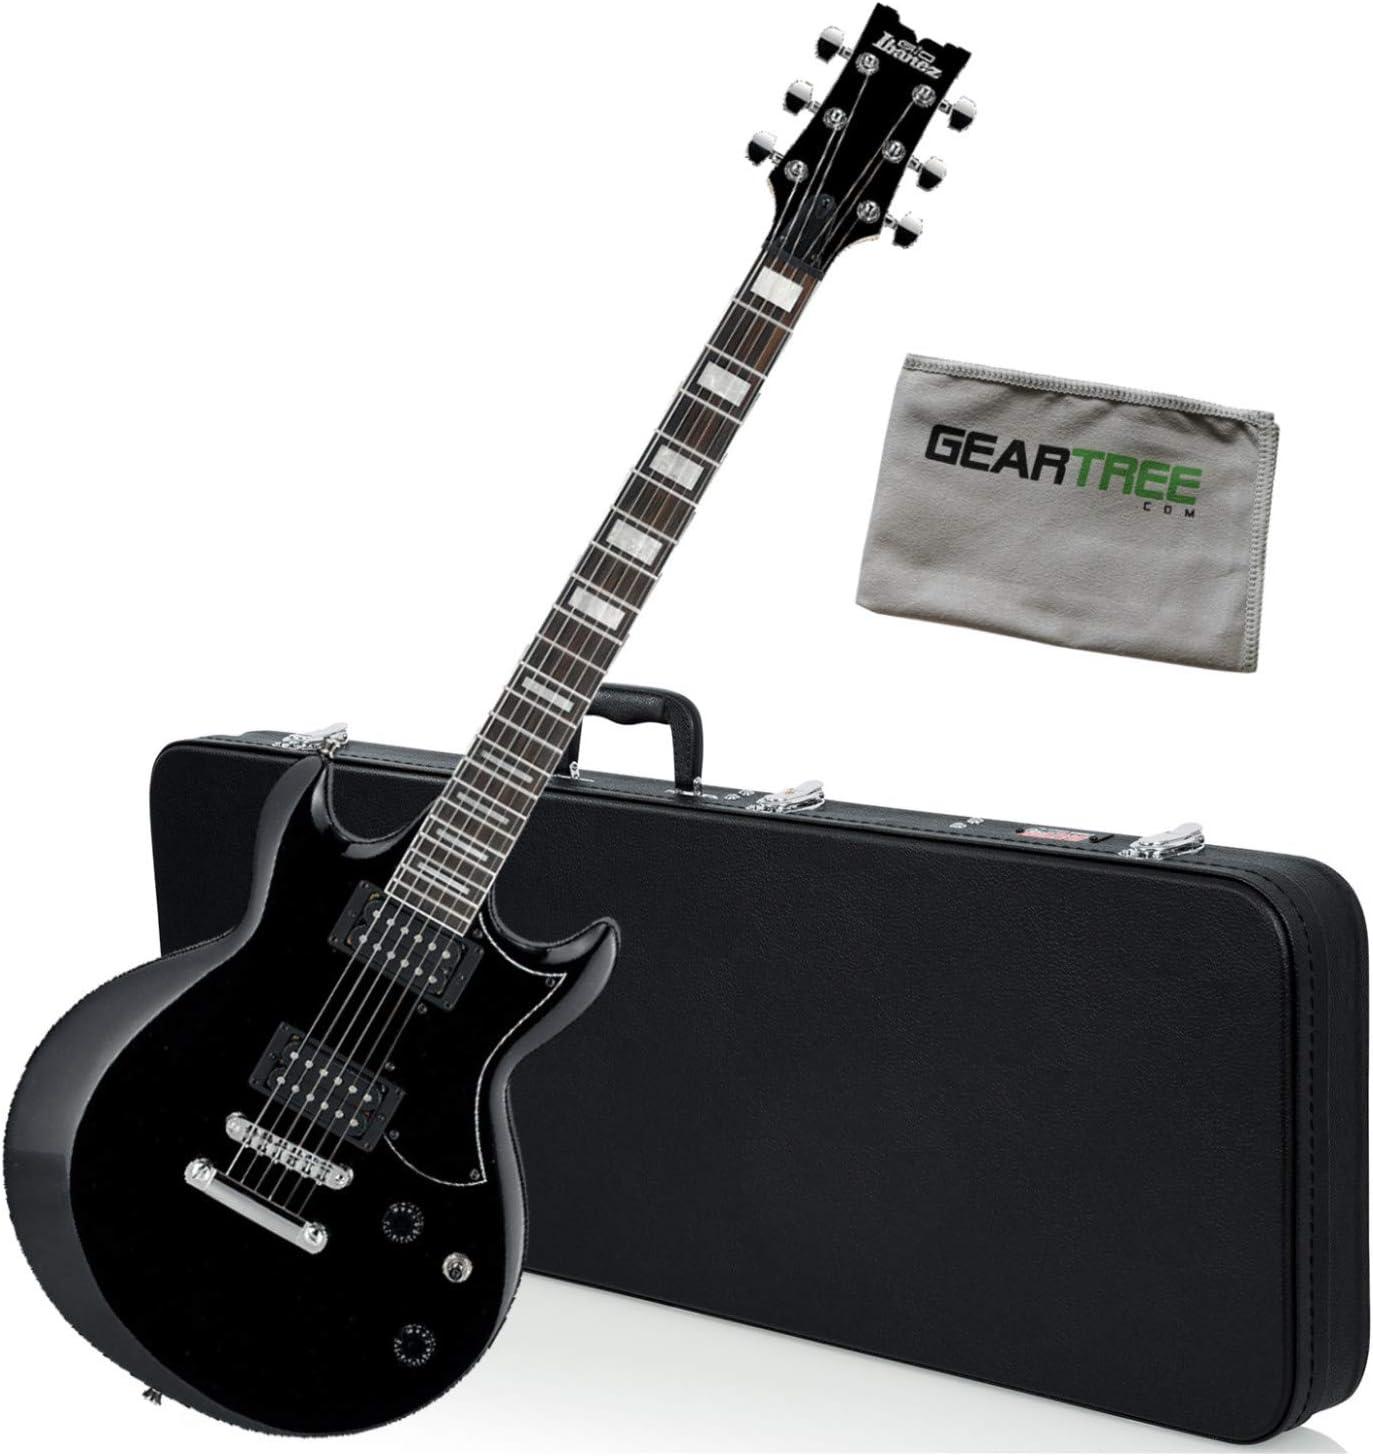 Ibanez GIO Series GAX30 BKN - Guitarra eléctrica nocturna (incluye funda rígida y gamuza), color negro: Amazon.es: Instrumentos musicales